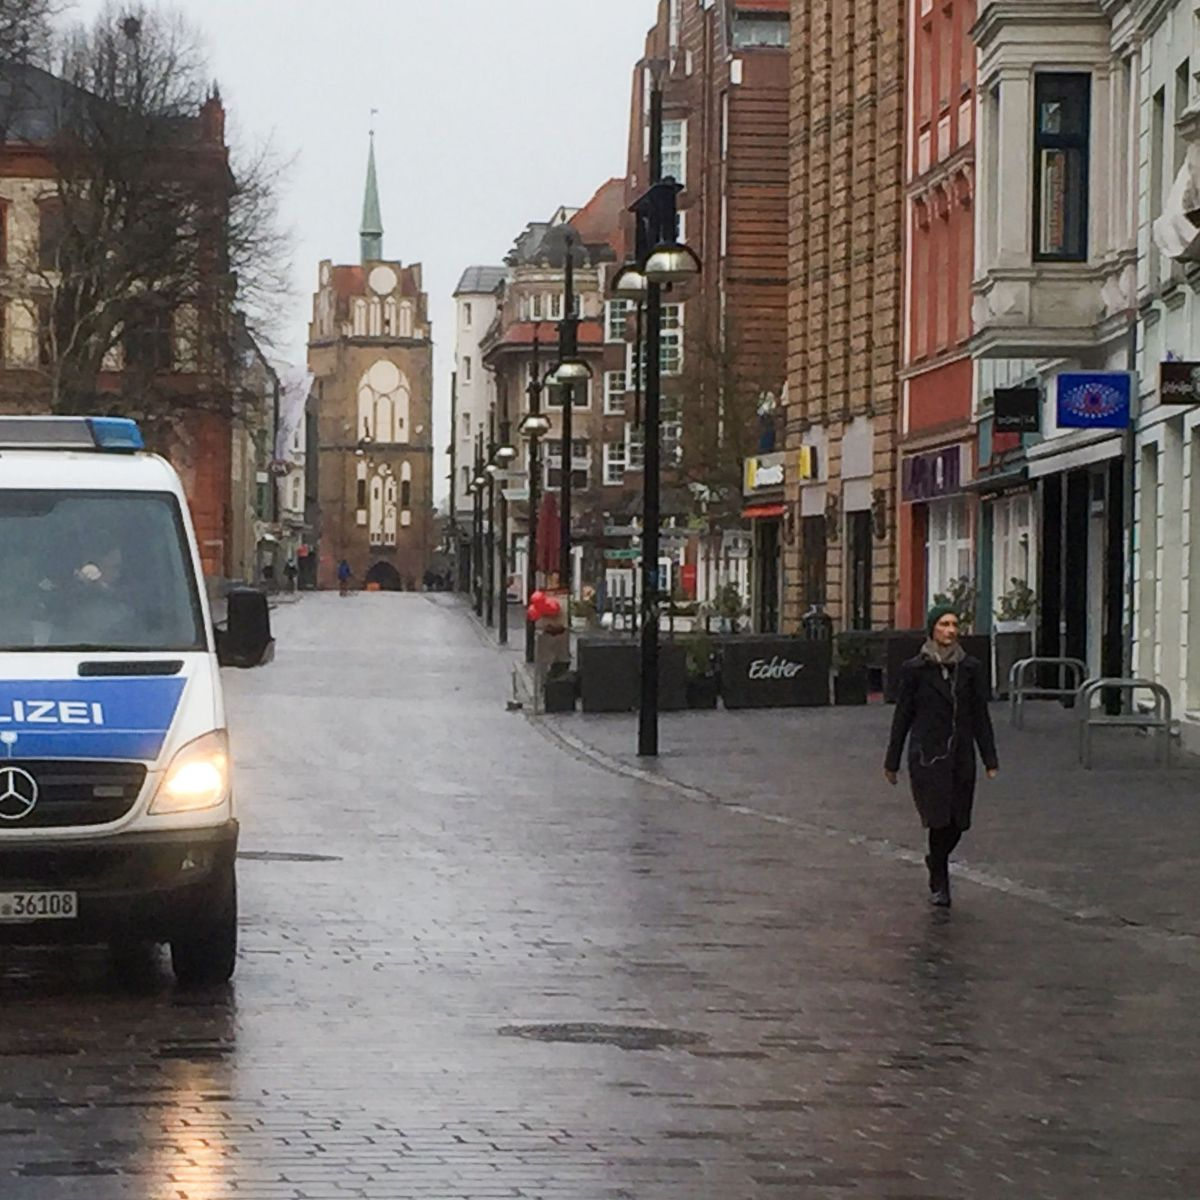 Suchaktion in Rostock: 13-Jähriger läuft nachts zehn Kilometer zur Schule